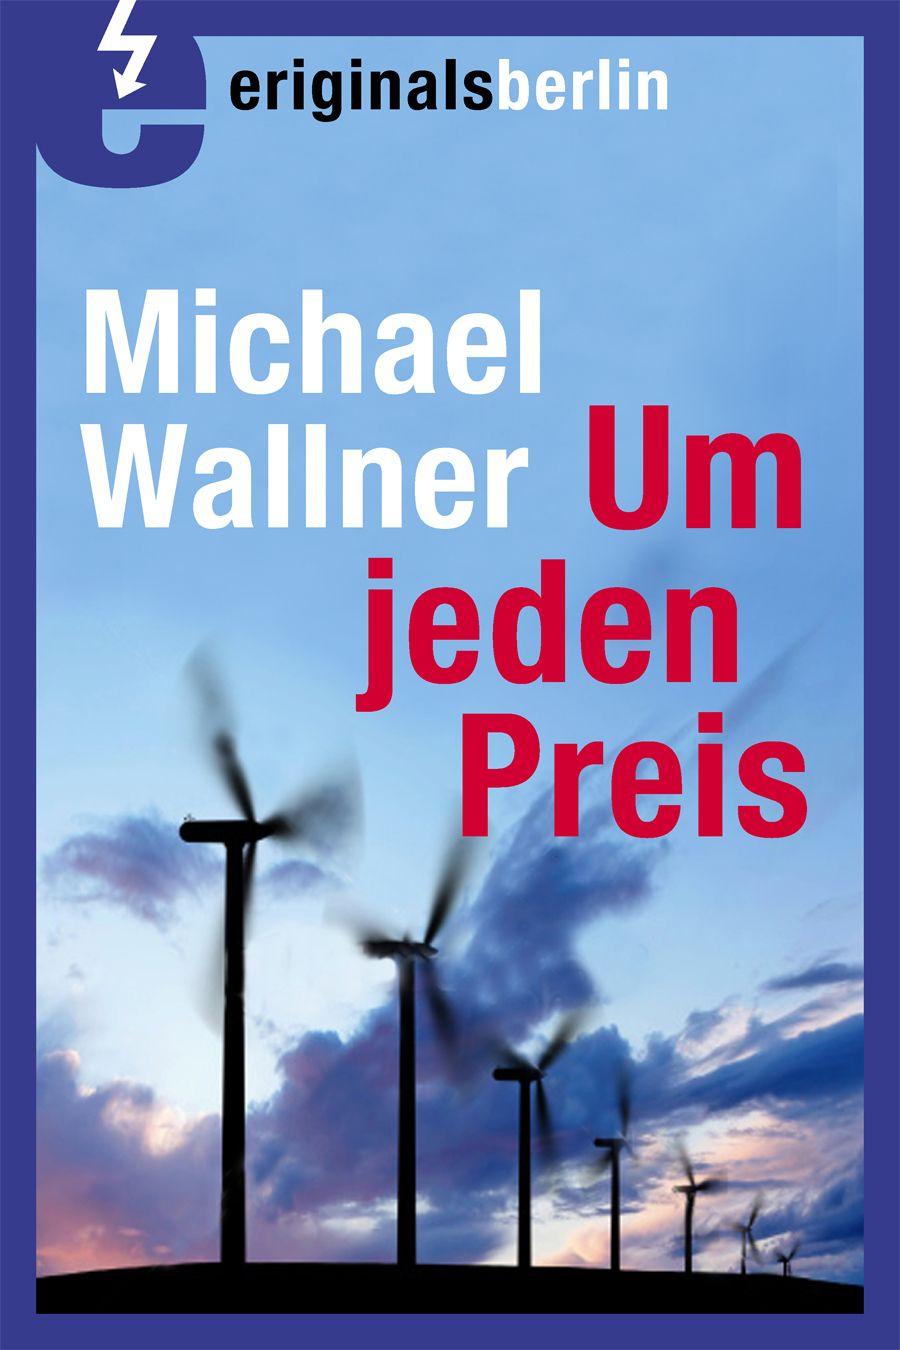 Michael Wallner Um Jeden Preis Berlin 2012 Nicht Mehr Lieferbar Eriginals Berlin Berlin